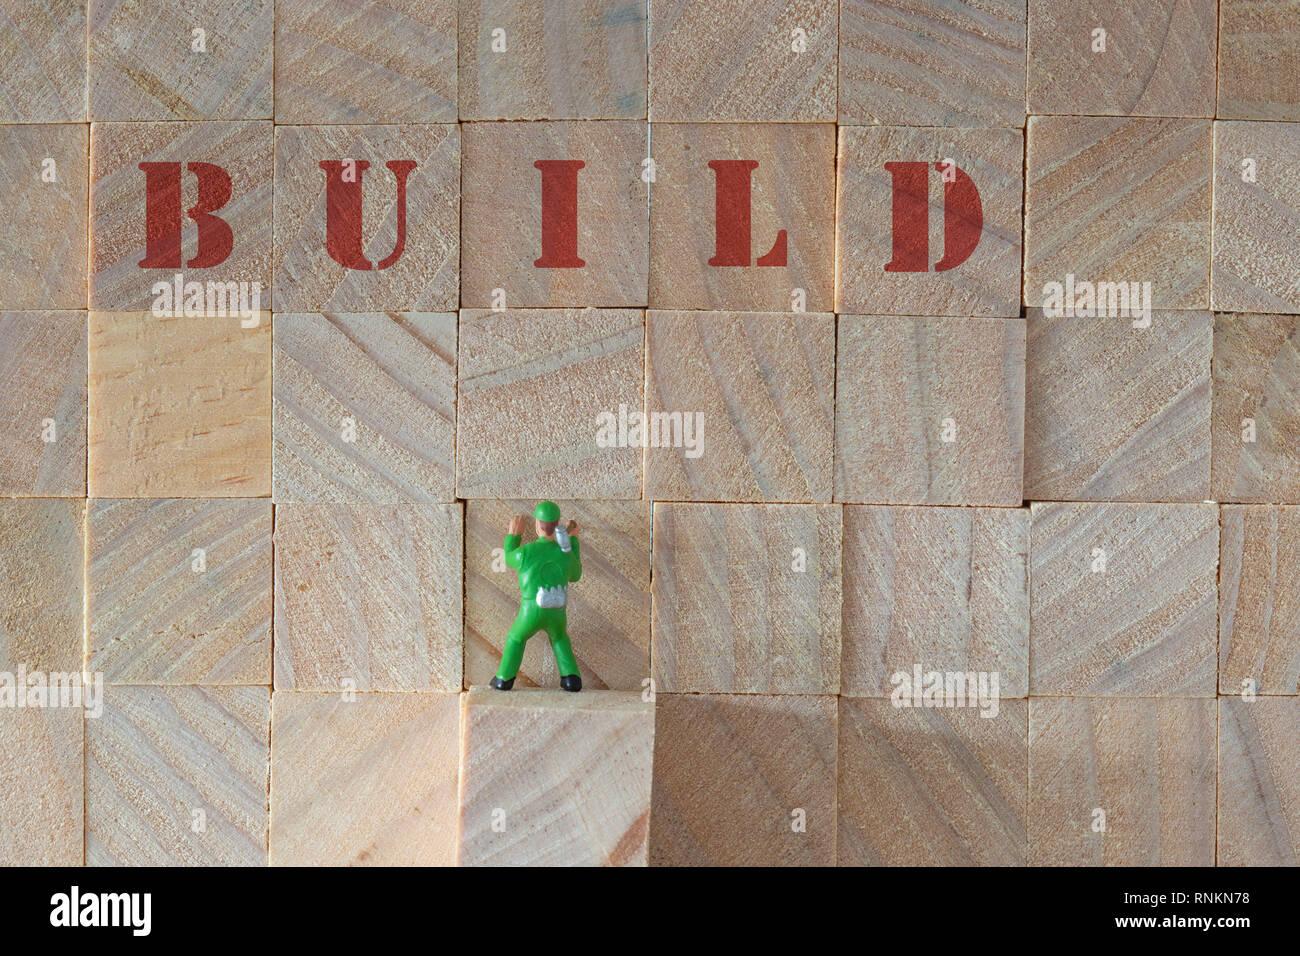 Apilado de madera con la palabra y construir un modelo a escala en miniatura Builder con un martillo. Foto de stock